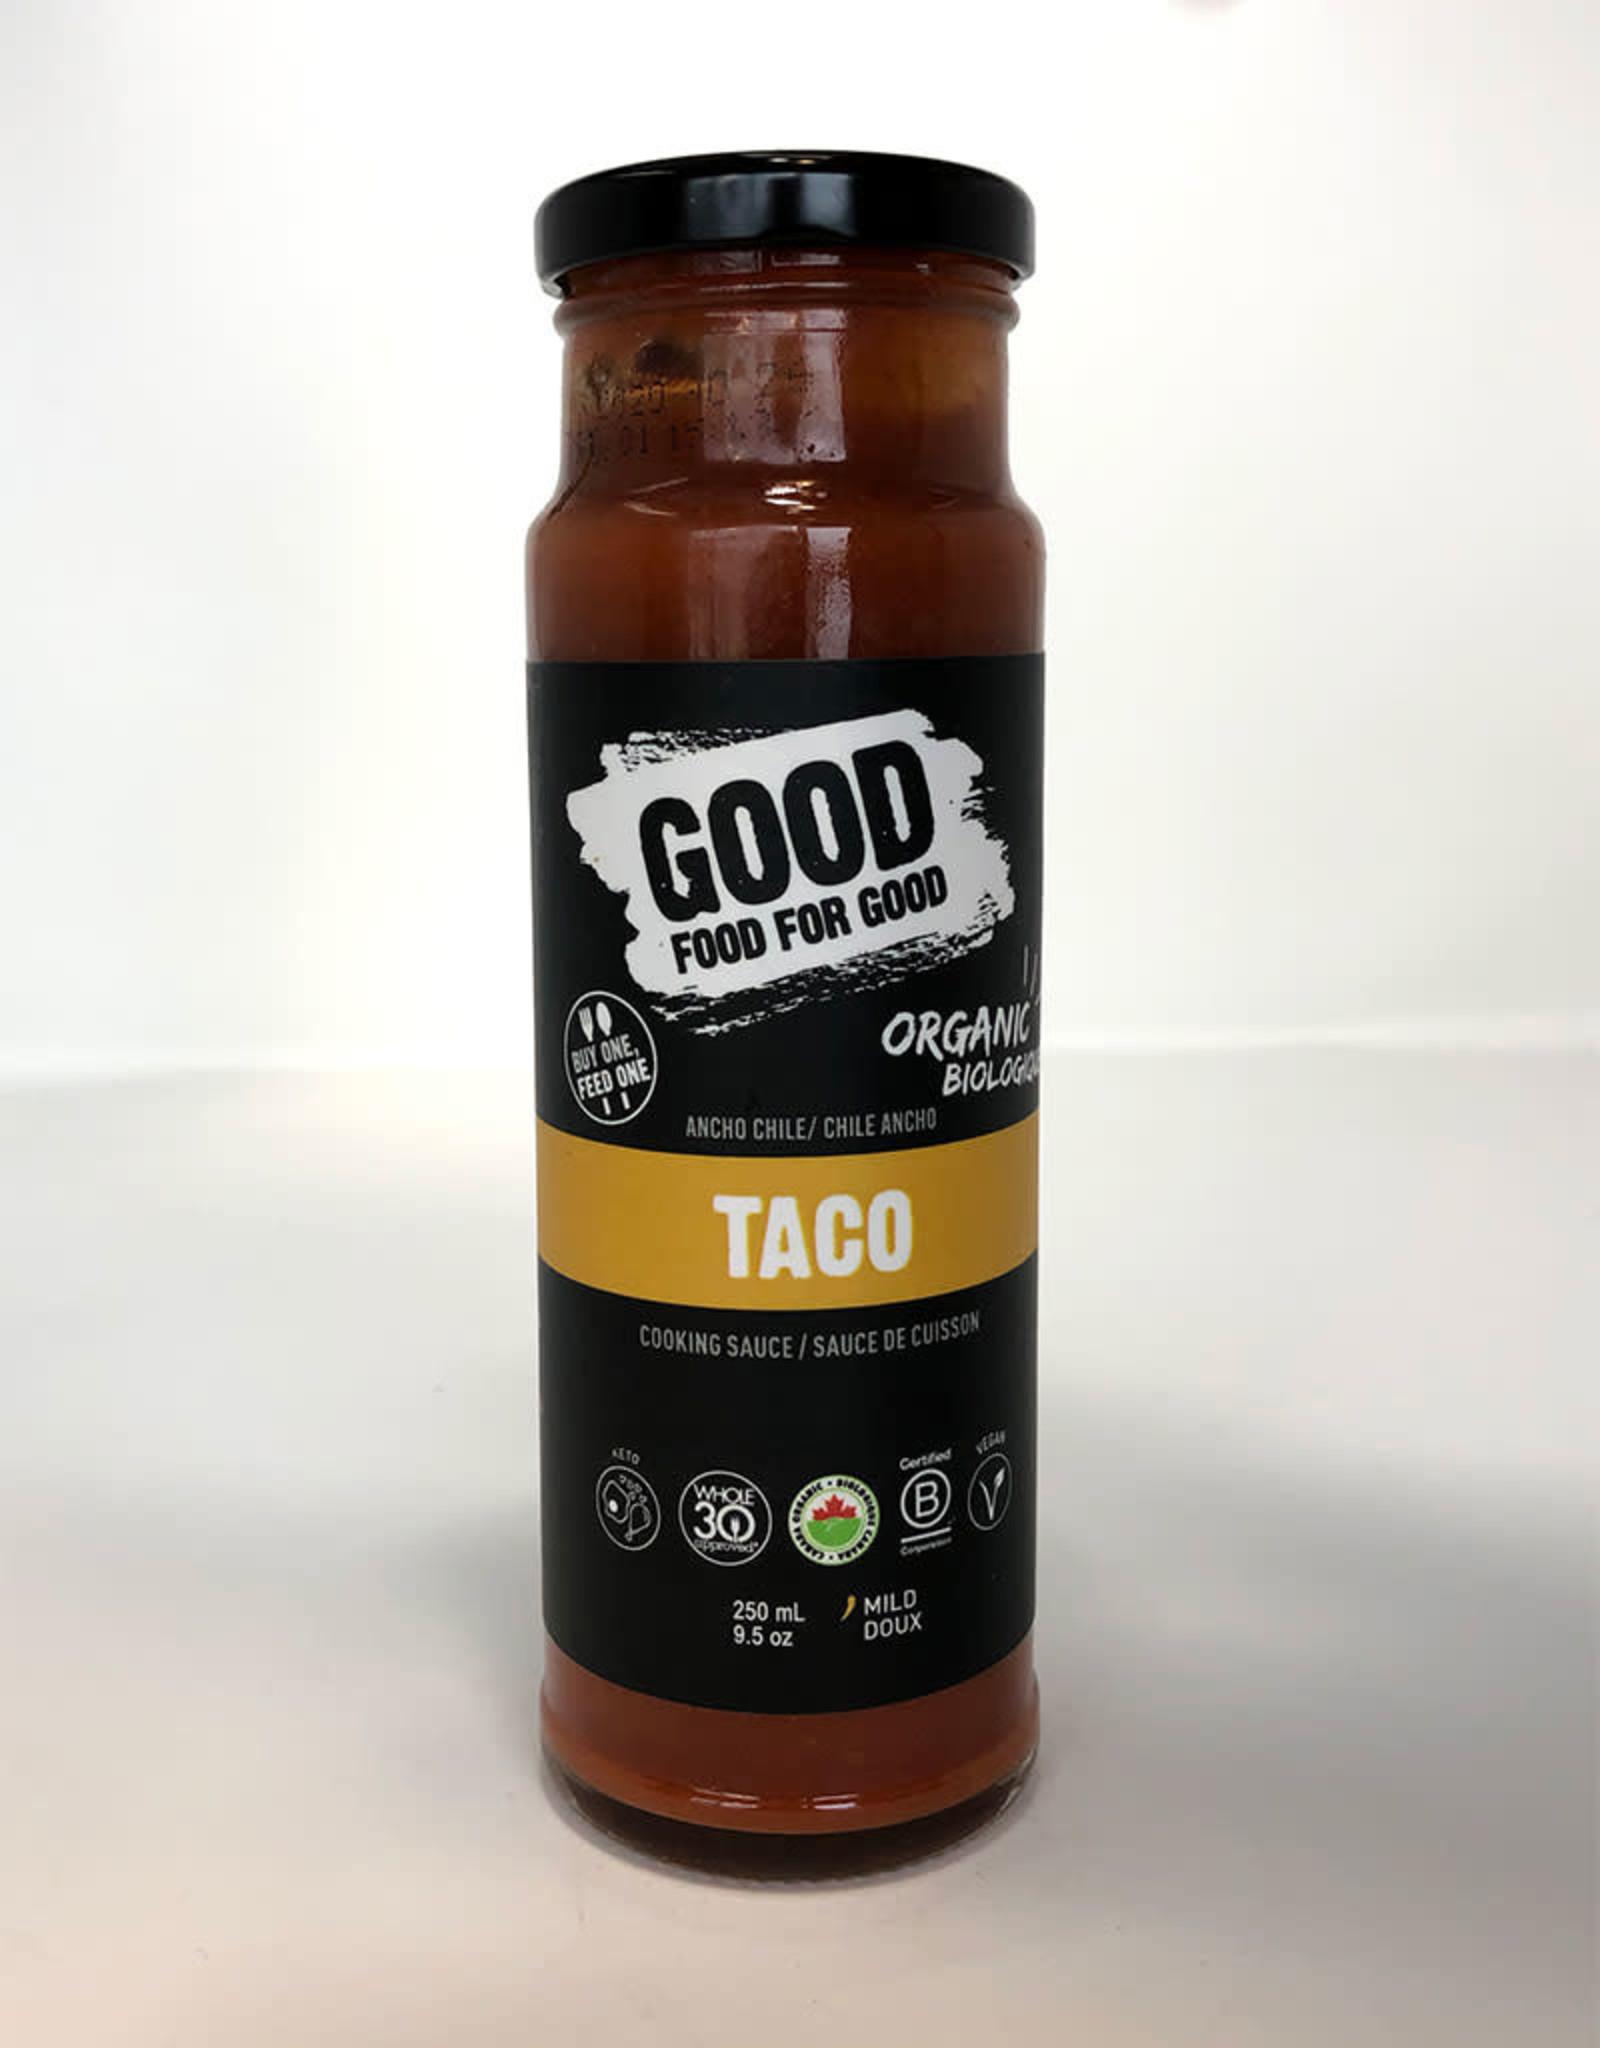 Good Food For Good Good Food For Good - Sauce, Taco Bio (250ml)